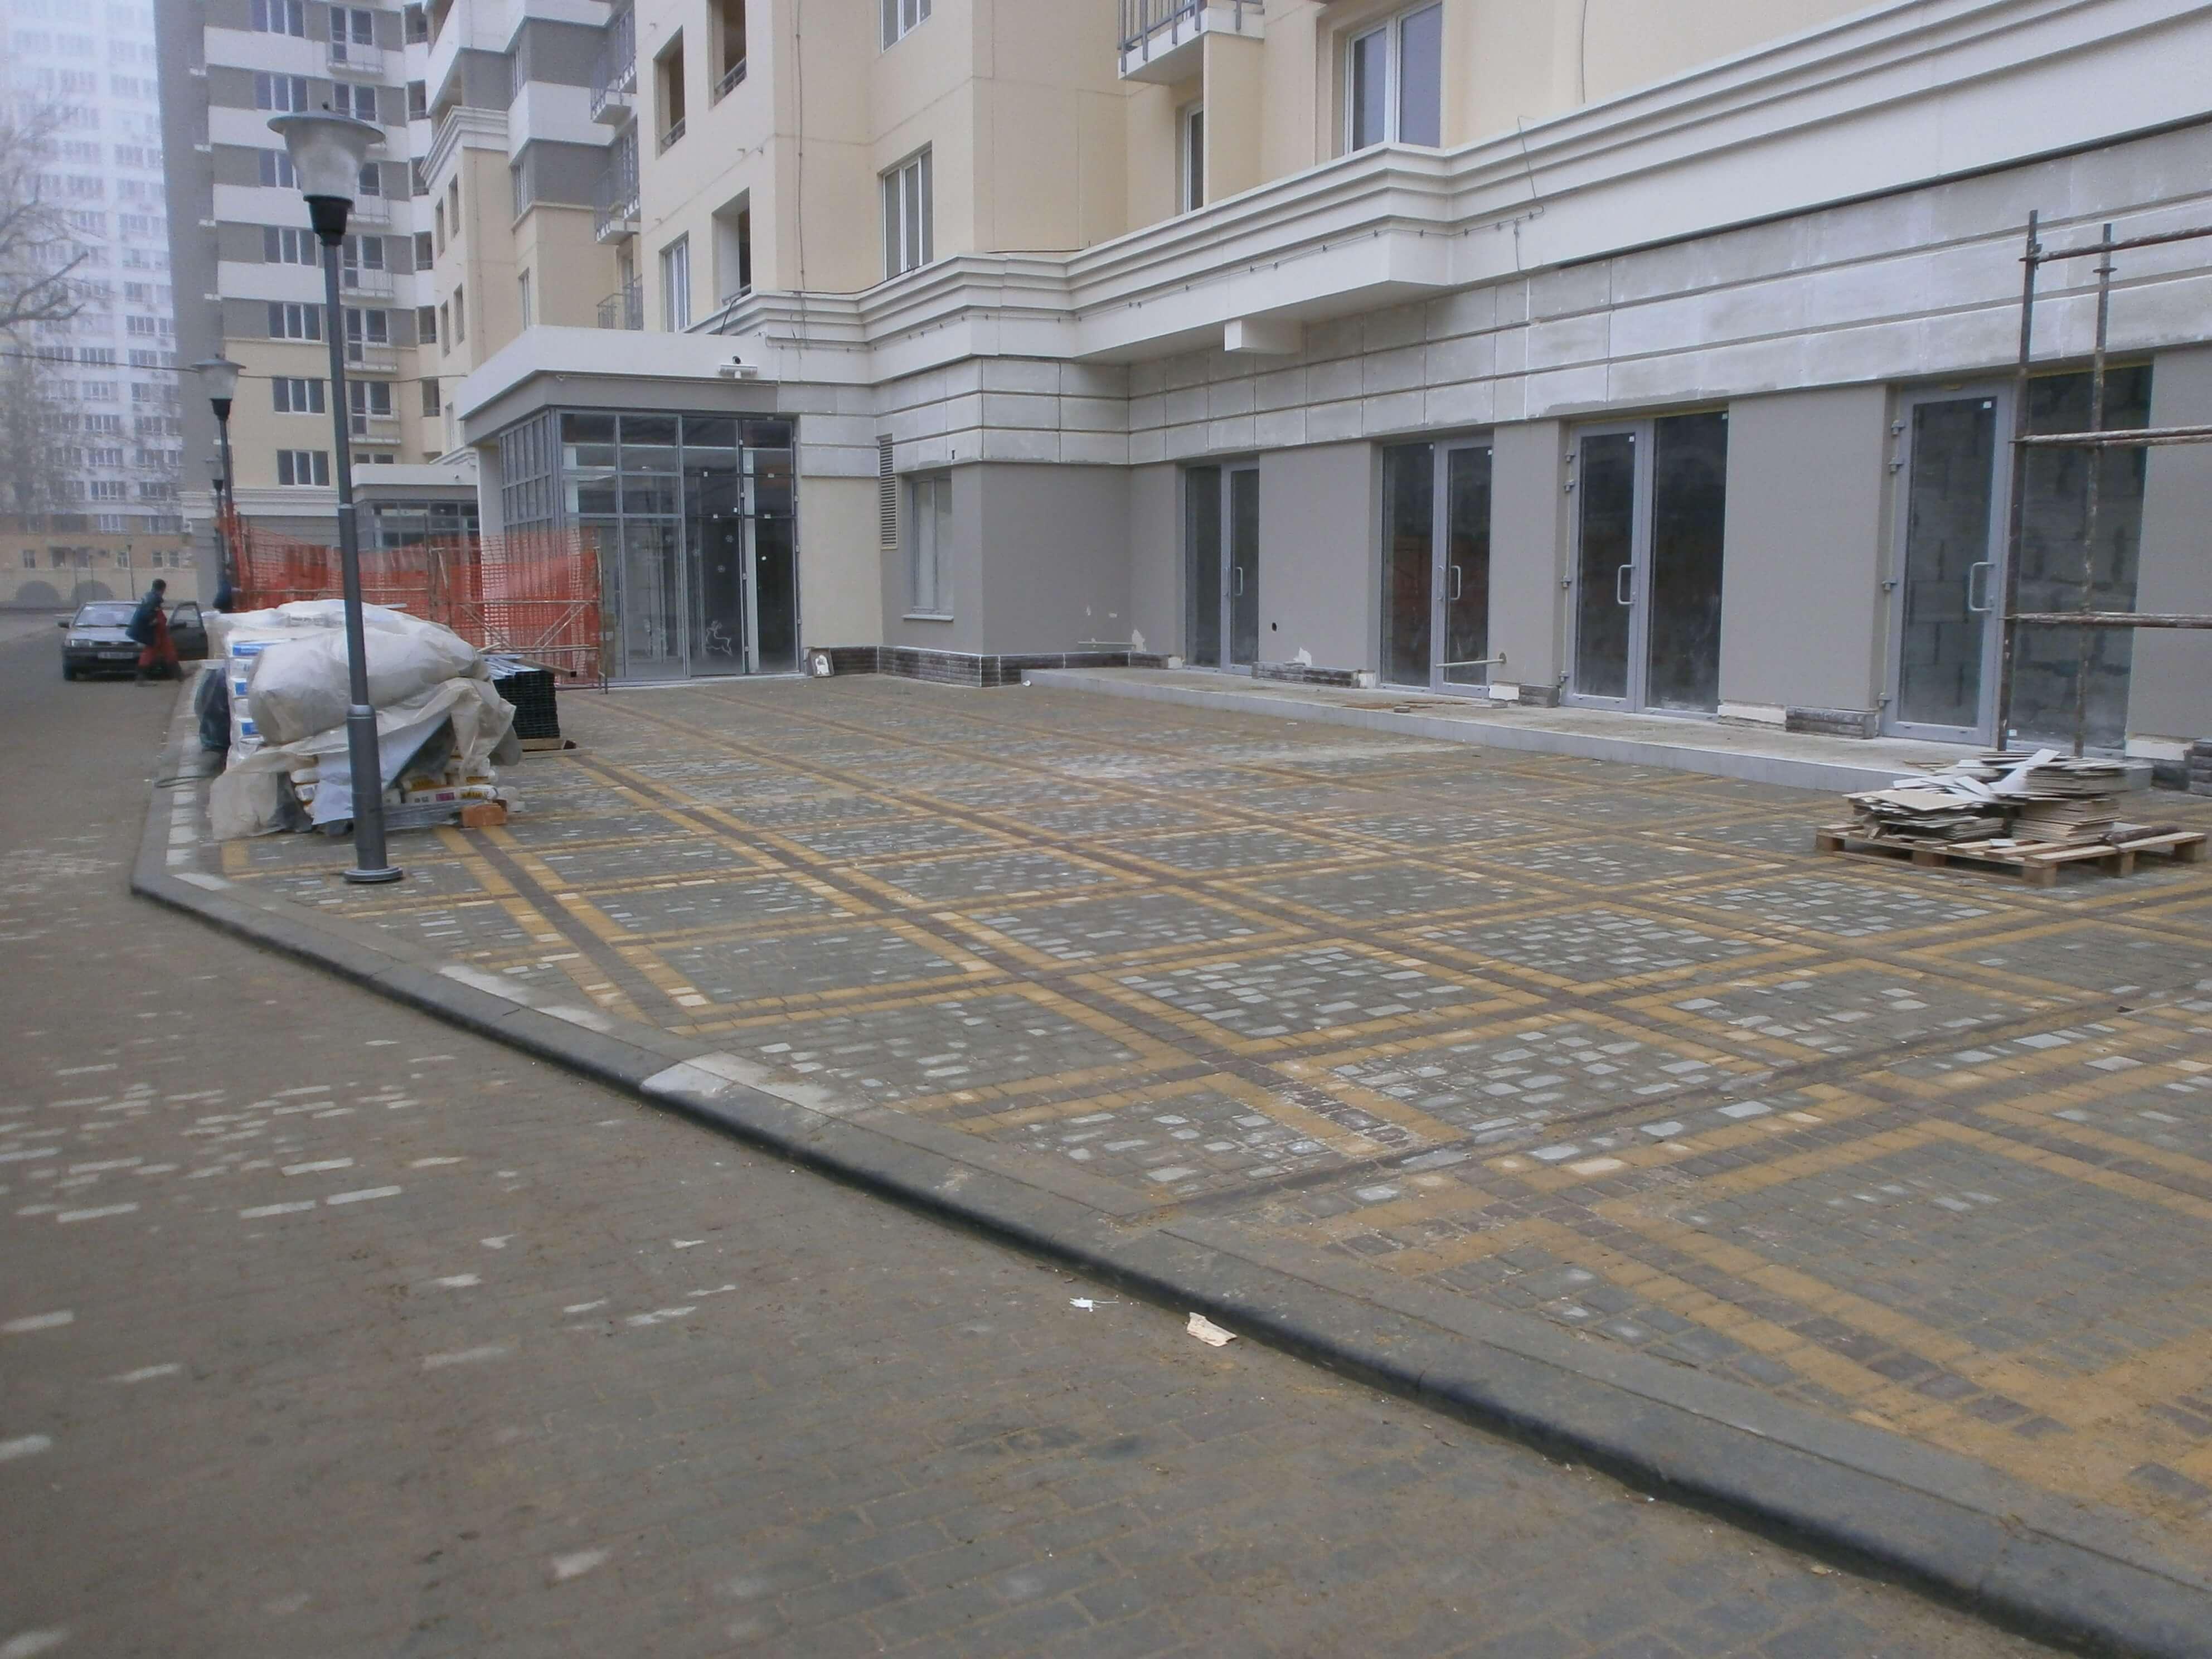 Кровельные работы для ЖК «Звездный городок 2», ул. Маршала Говорова, 10 -фото 2